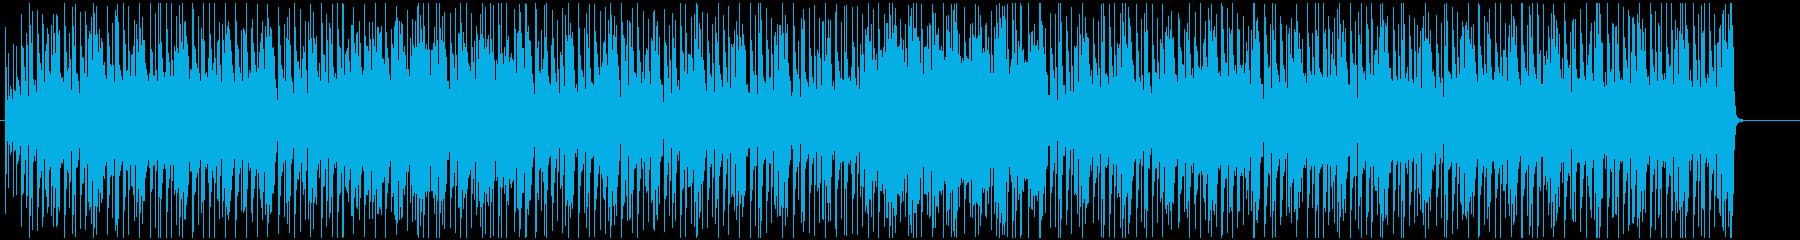 疾走感のブラスとブルージーなギターの再生済みの波形